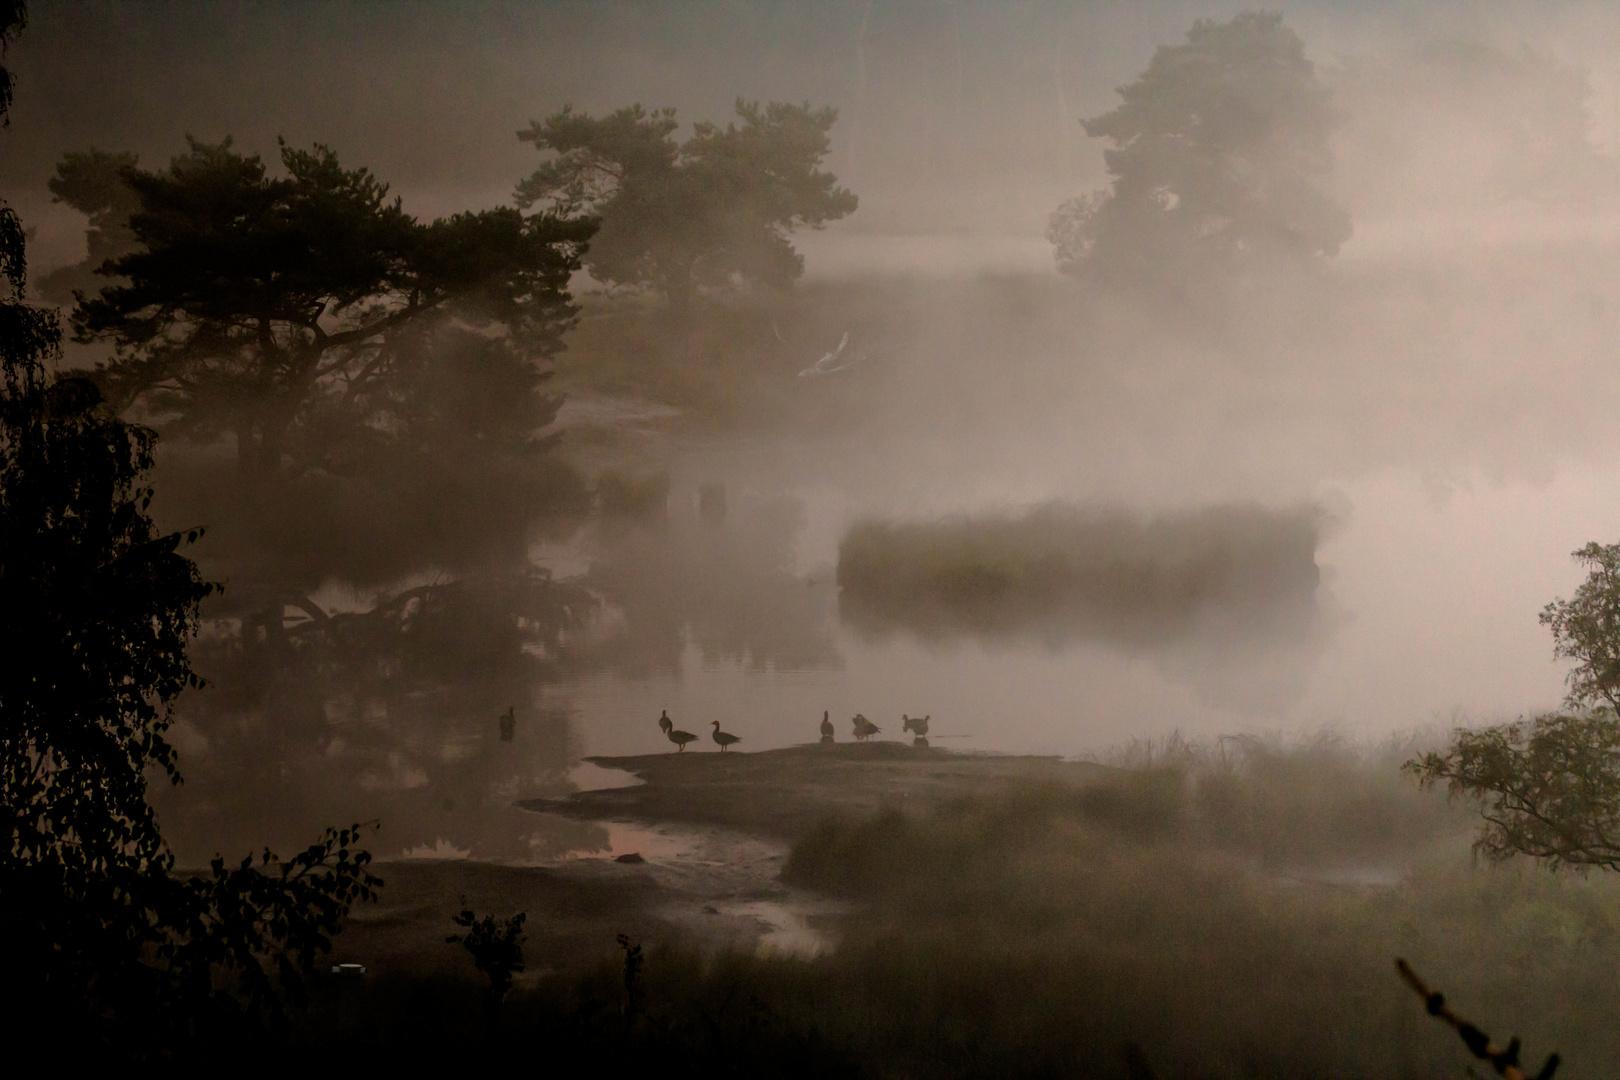 Nebel im Nationalpark Maasduinen Niederlande